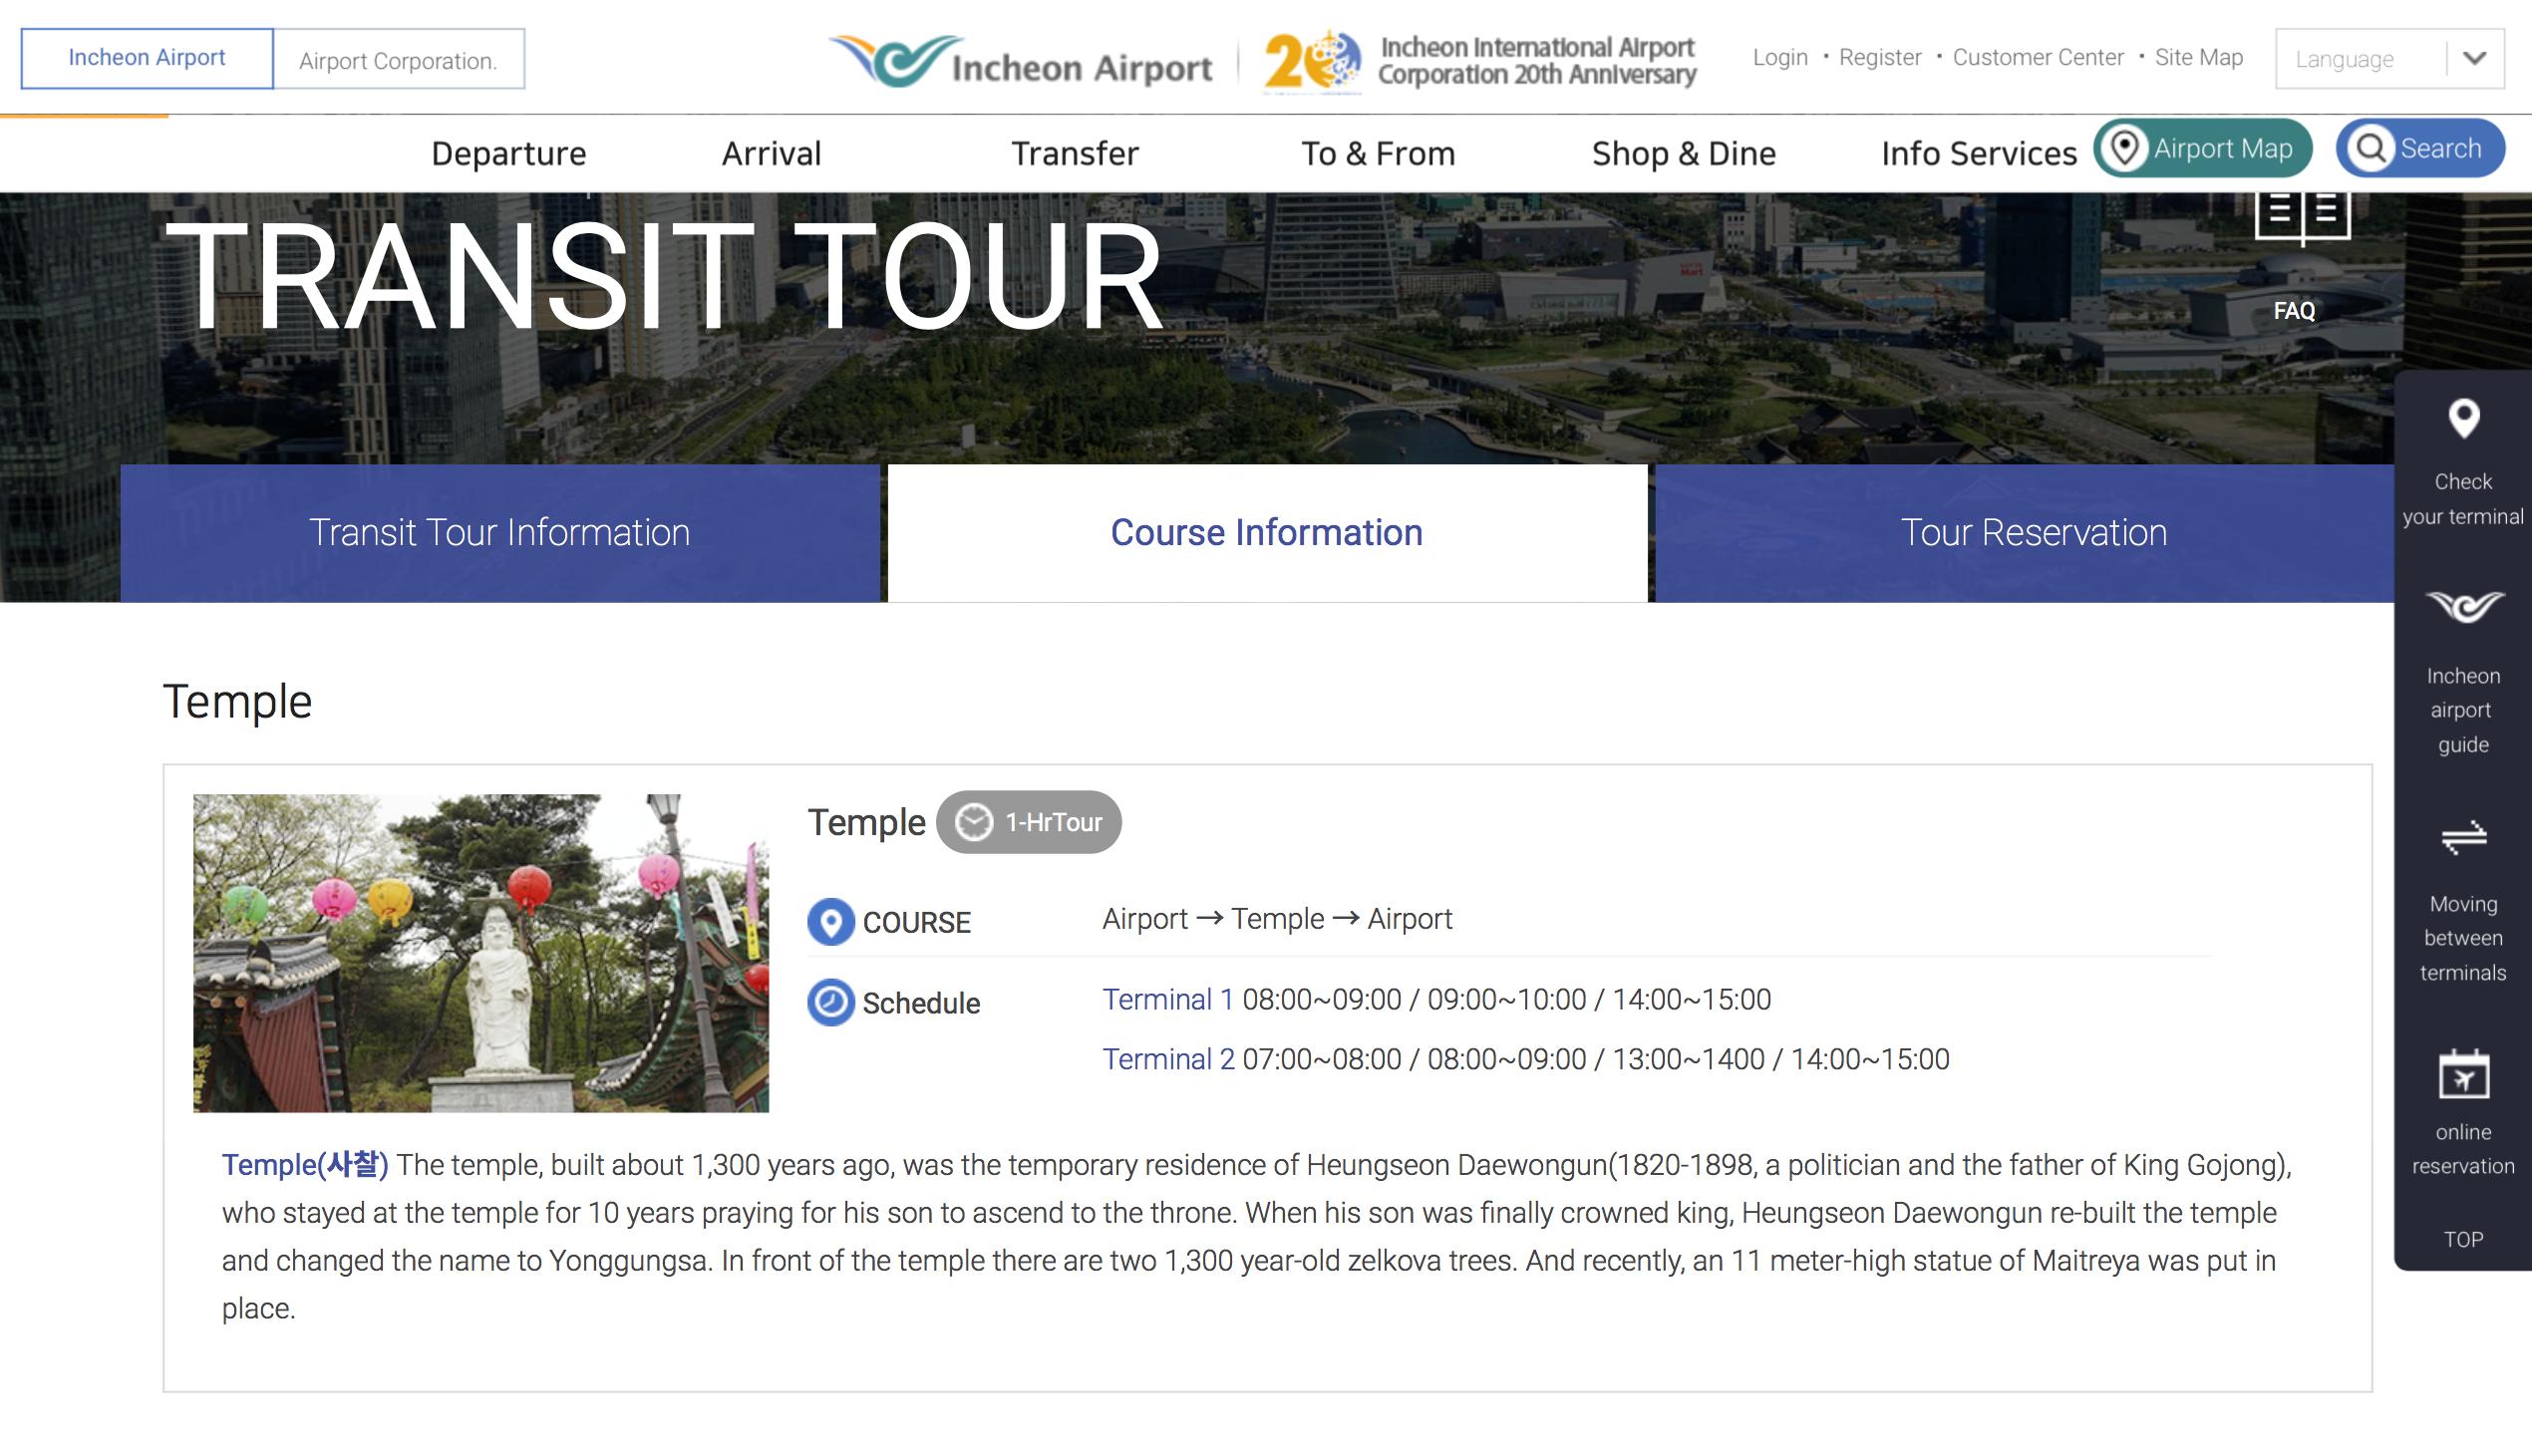 Экскурсию можно забронировать заранее на нужную дату